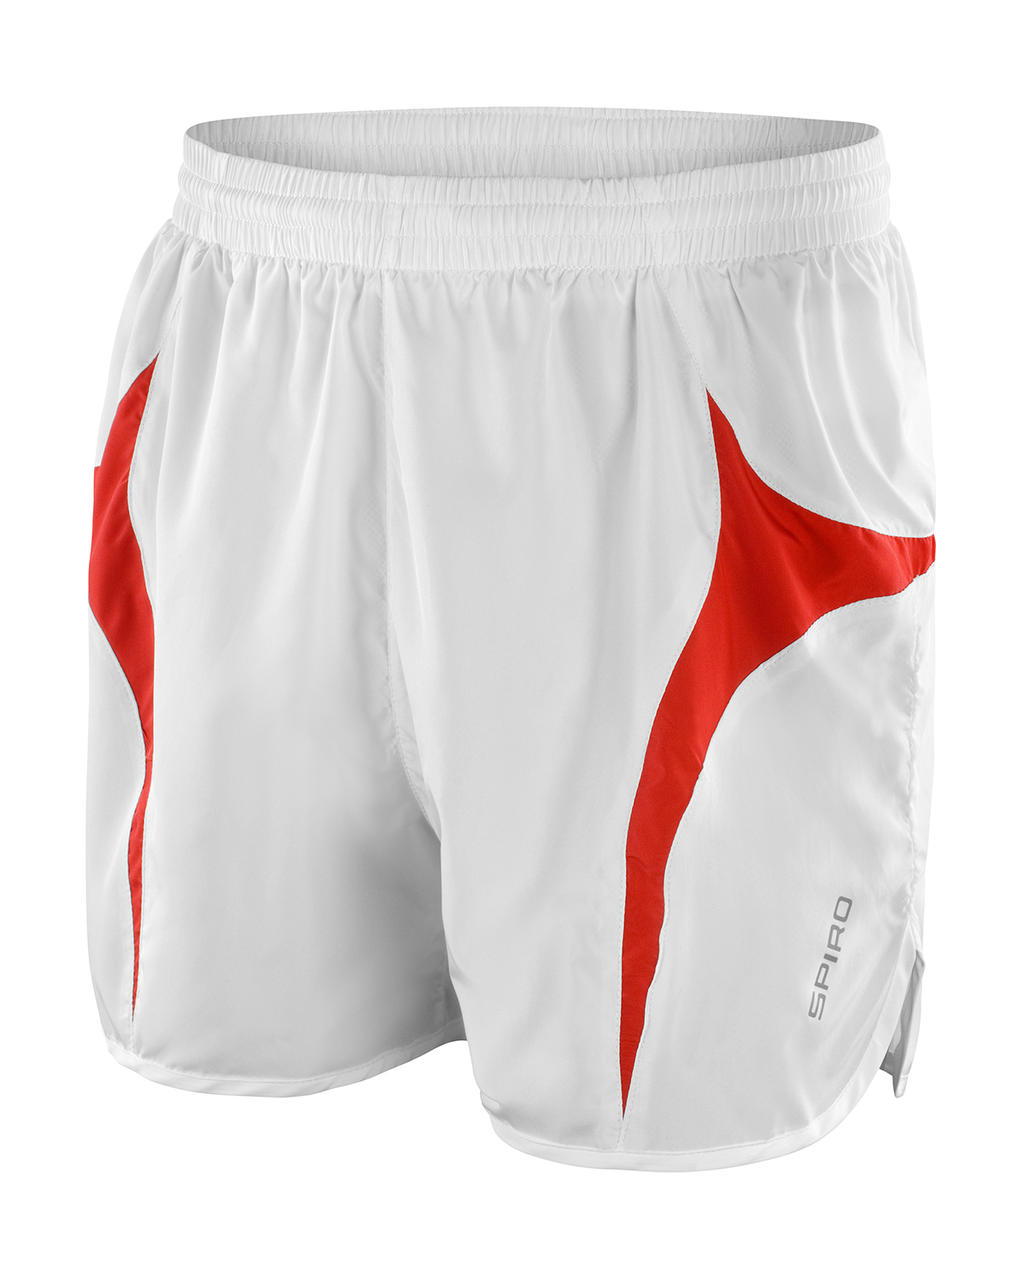 Unisex Micro Lite Running Shorts